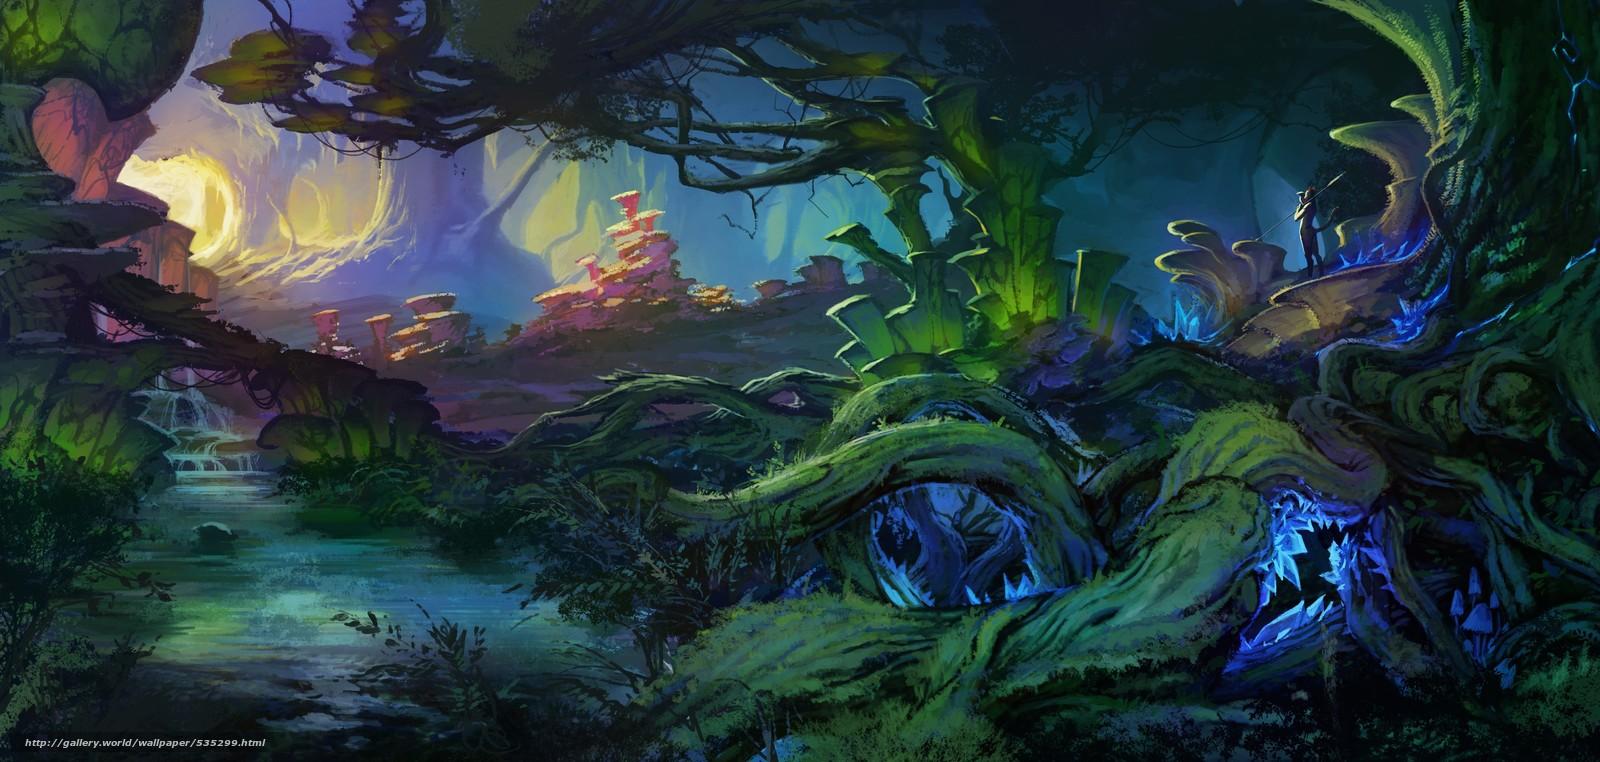 Un mundo de fantasia 535299_chascha_fantasticheskiy_mir_derevya_ruchey_peyzaj__4663x2221_(www.GdeFon.ru)